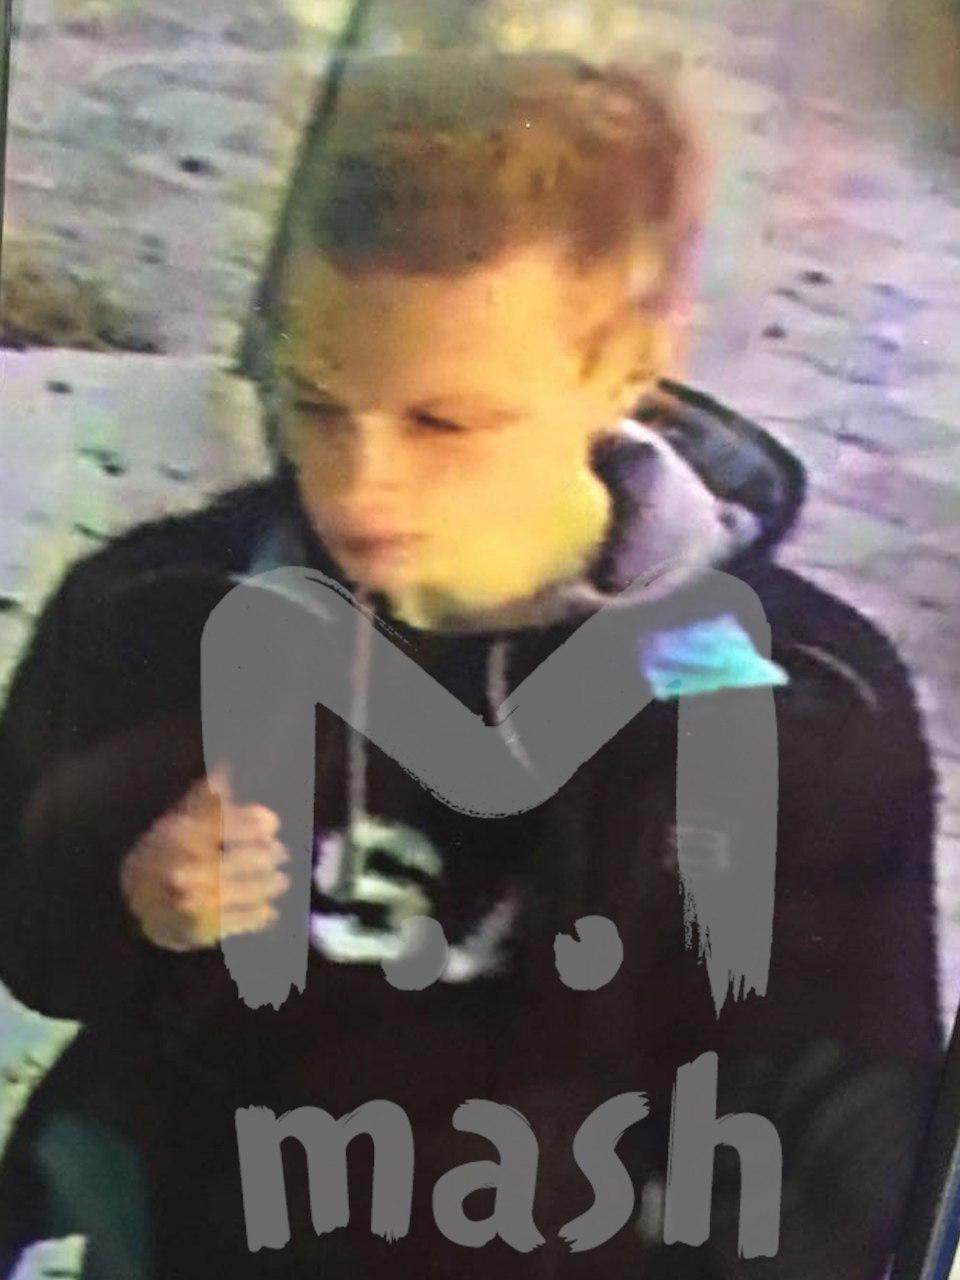 Фото предполагаемого террориста с камер наблюдения